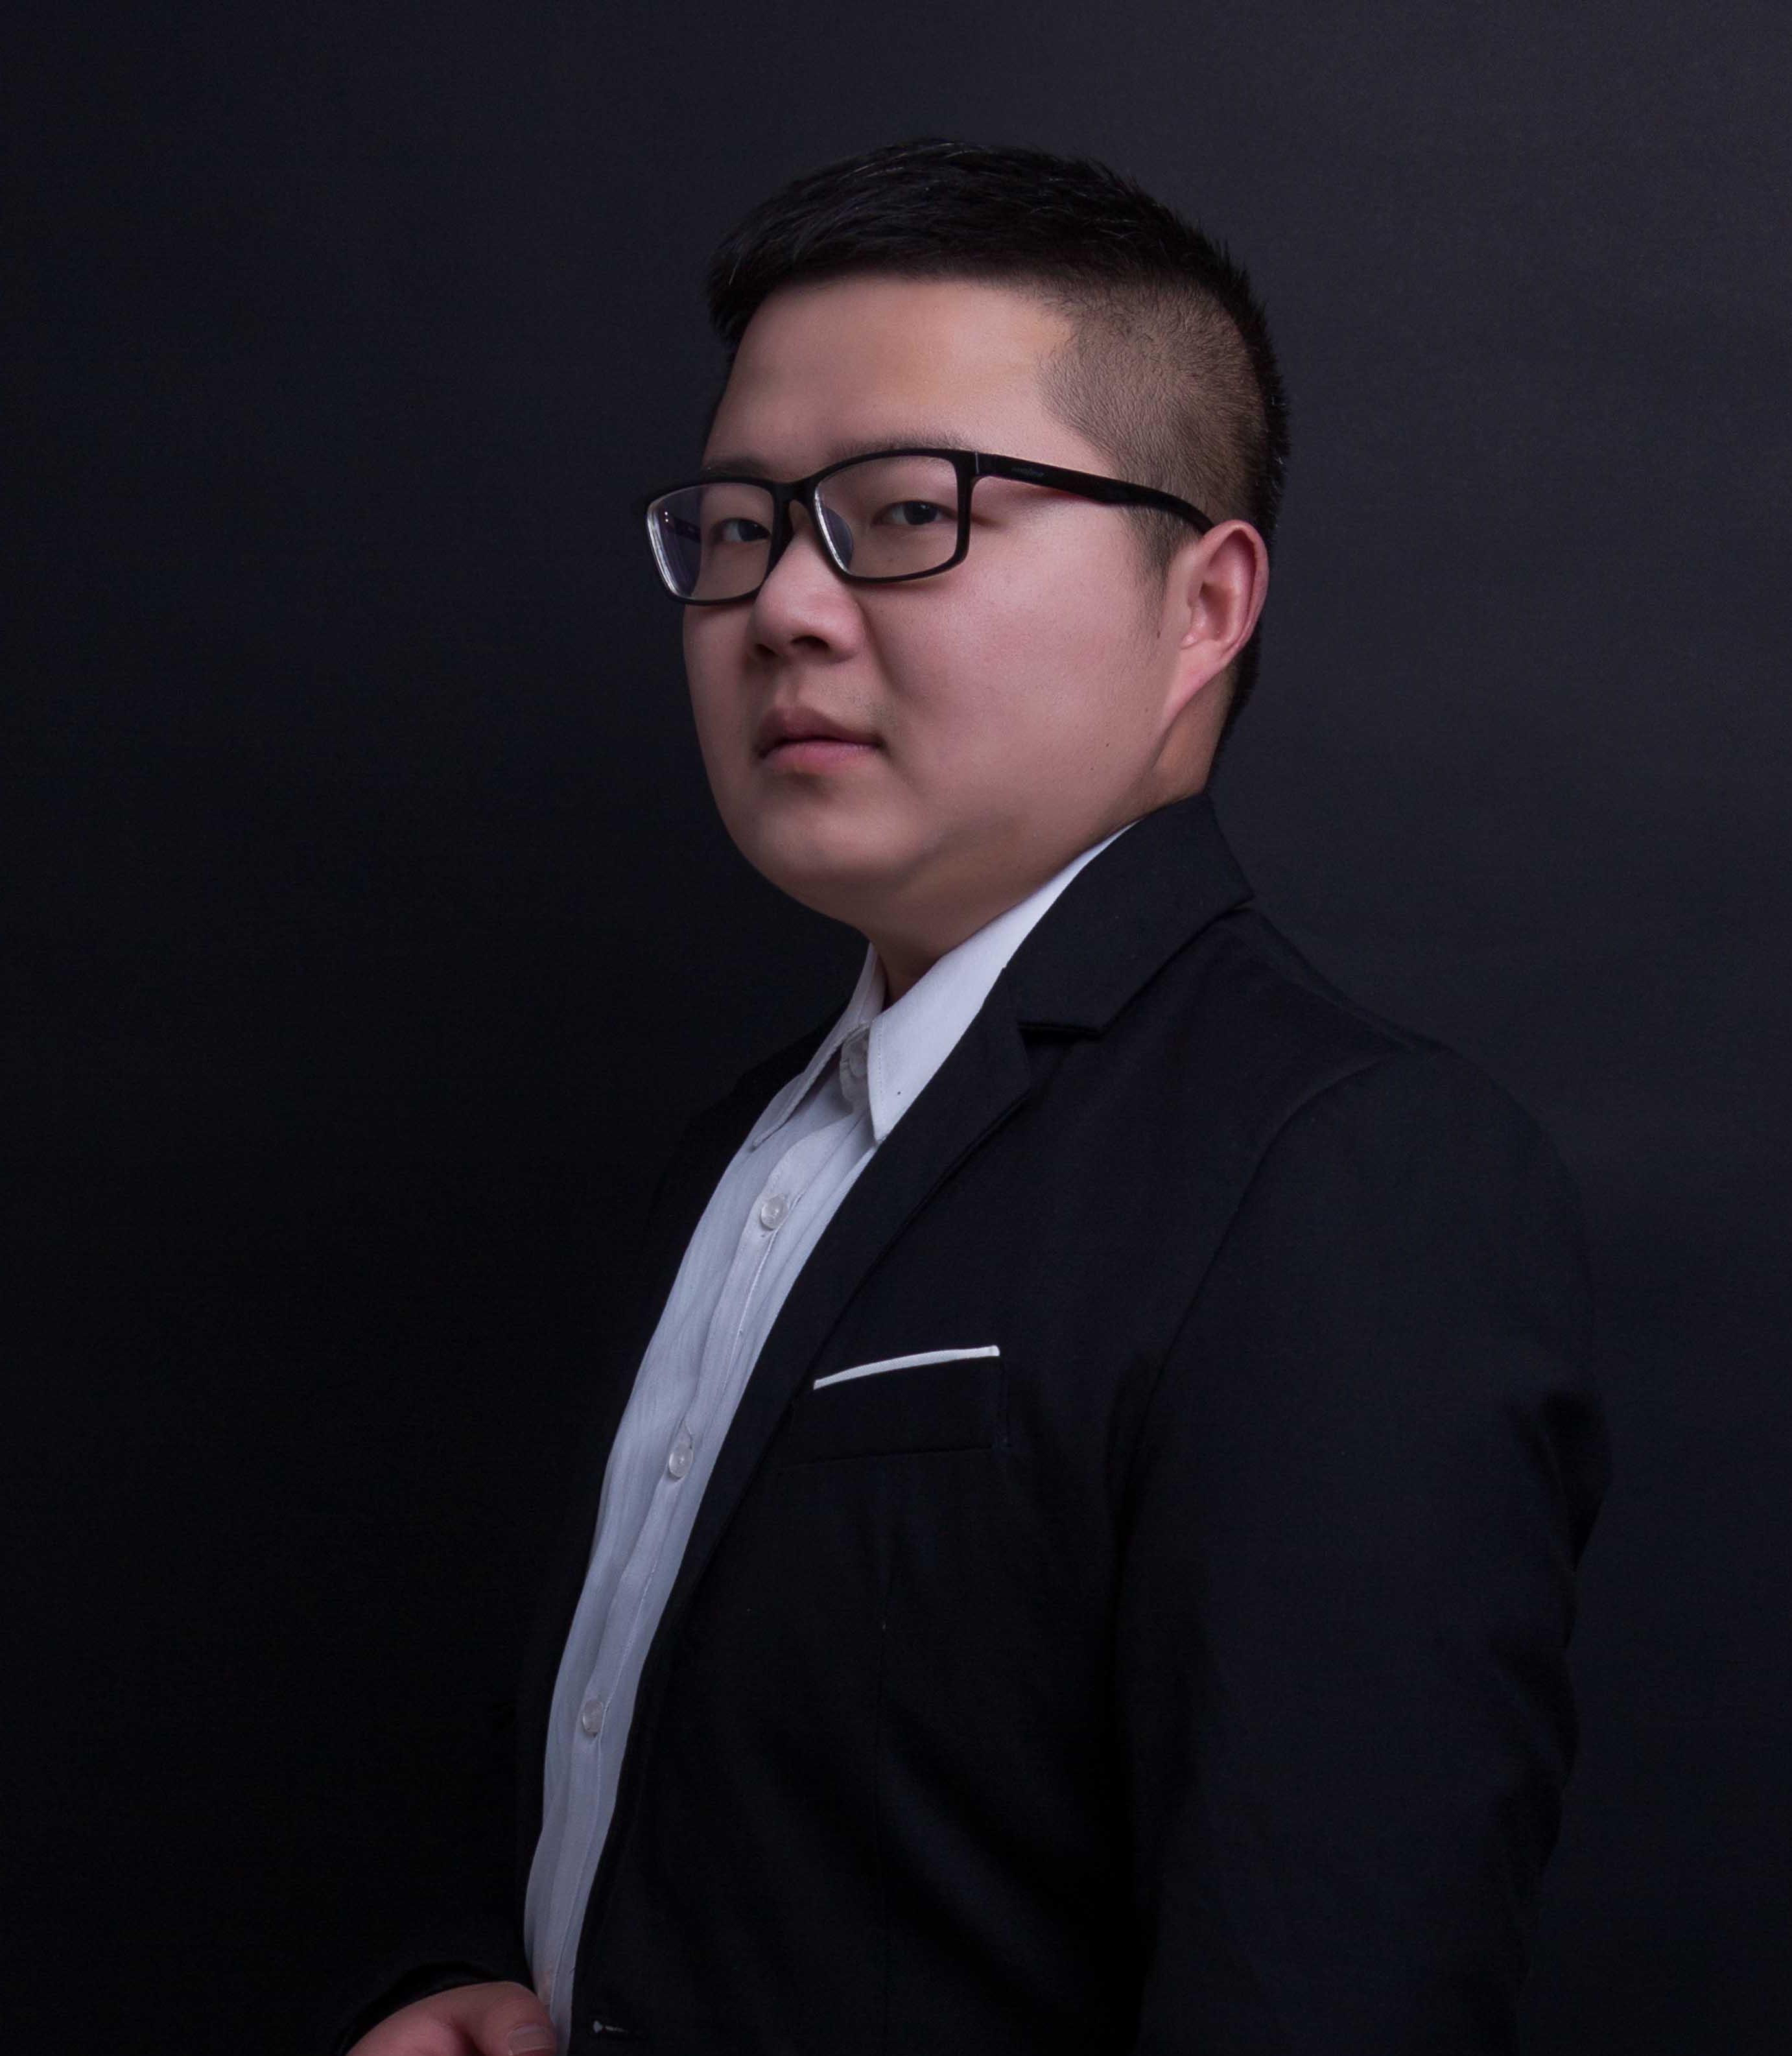 首页 设计力量 首席设计师  姓名:张磊工作年限:5年;擅长风格:北欧